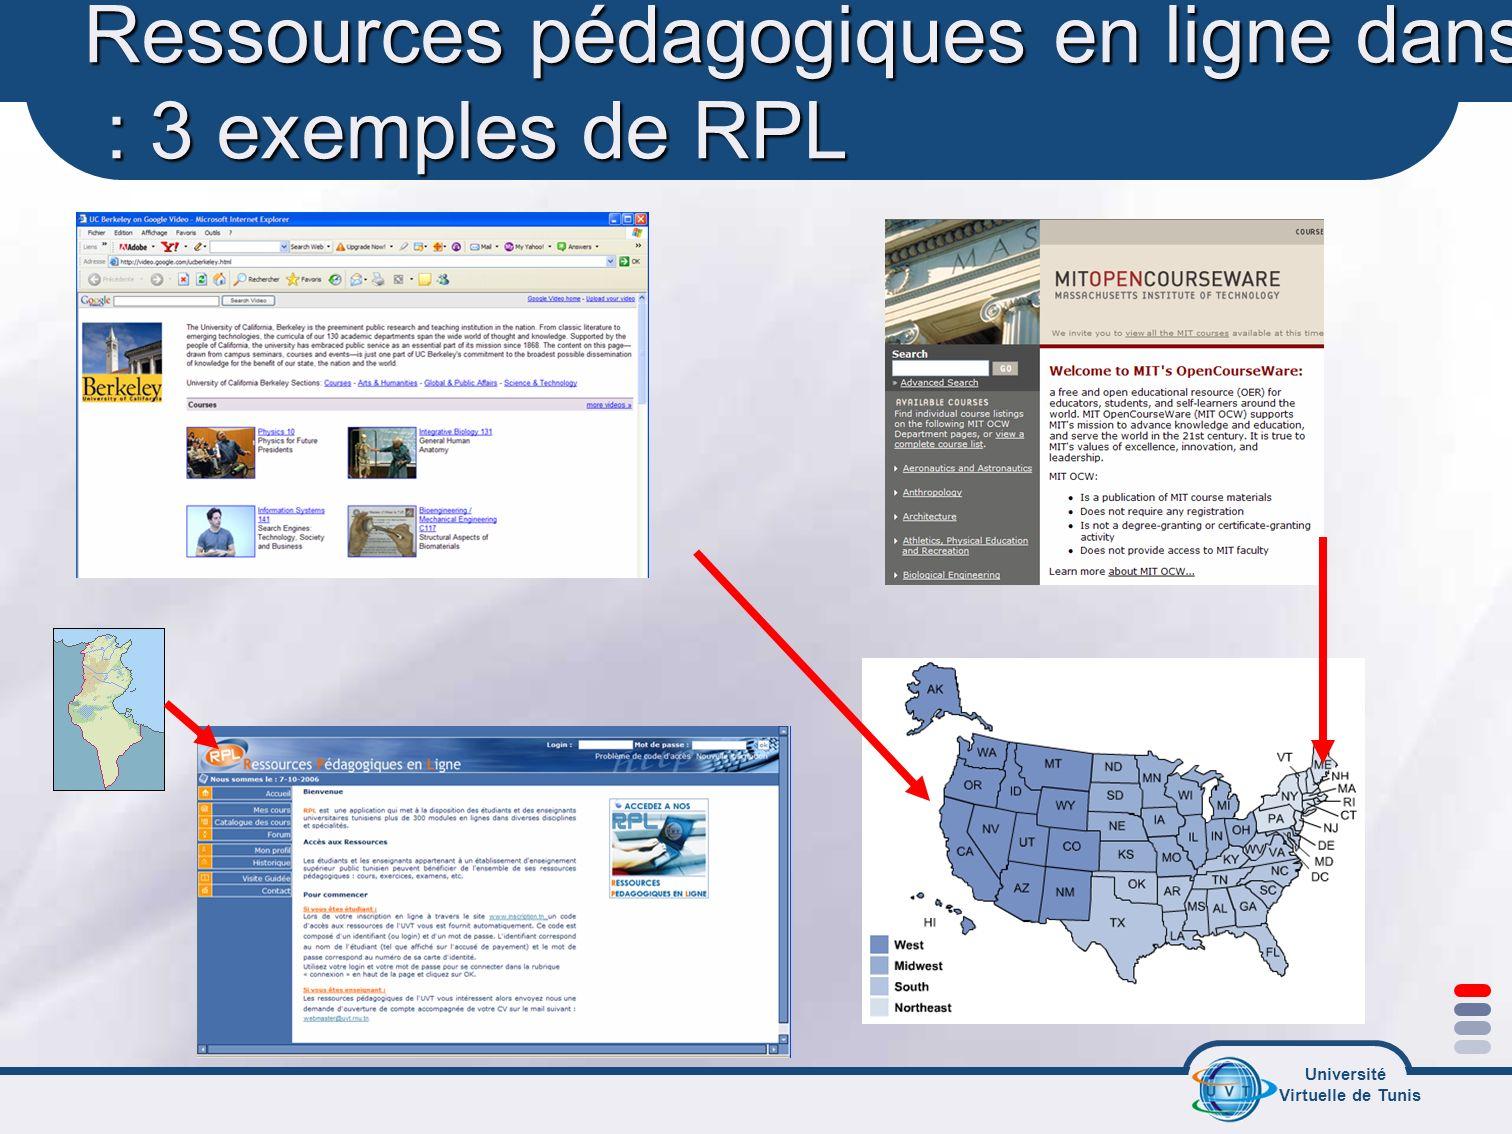 Ressources pédagogiques en ligne dans le monde : 3 exemples de RPL